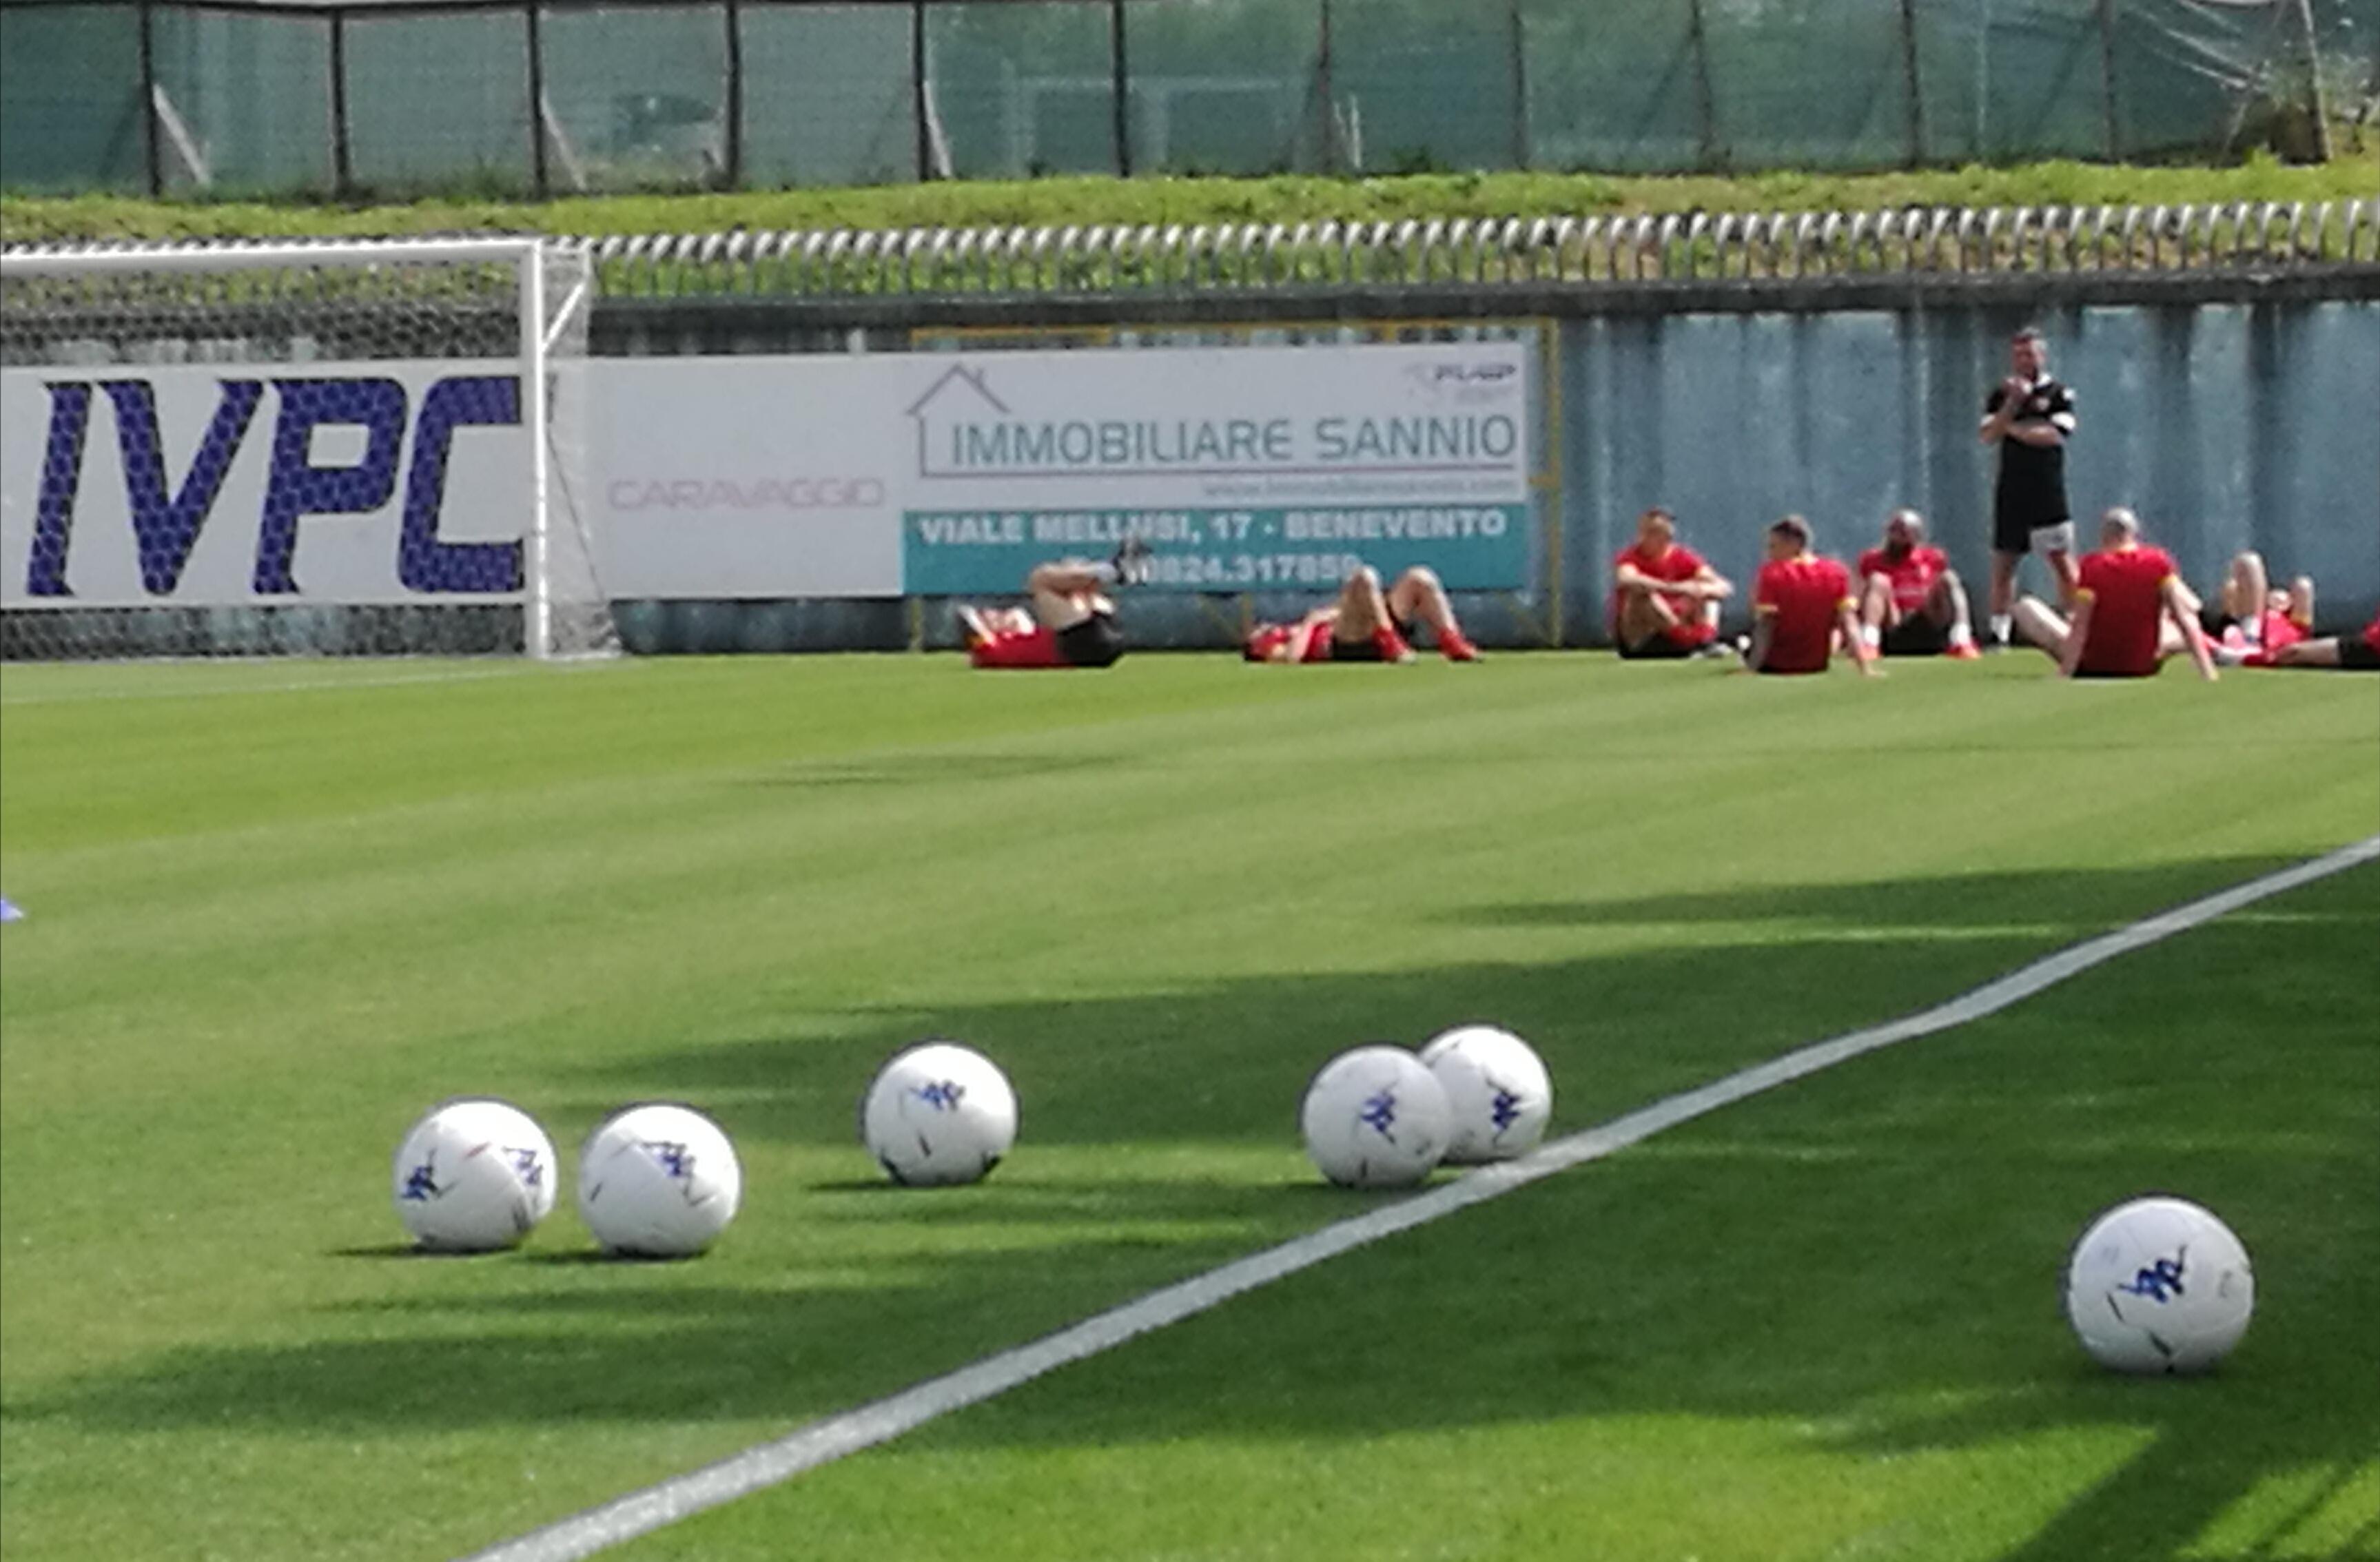 Calendario Serie B 18 19.Playoff Serie B Reso Noto Il Calendario Finali Il 30